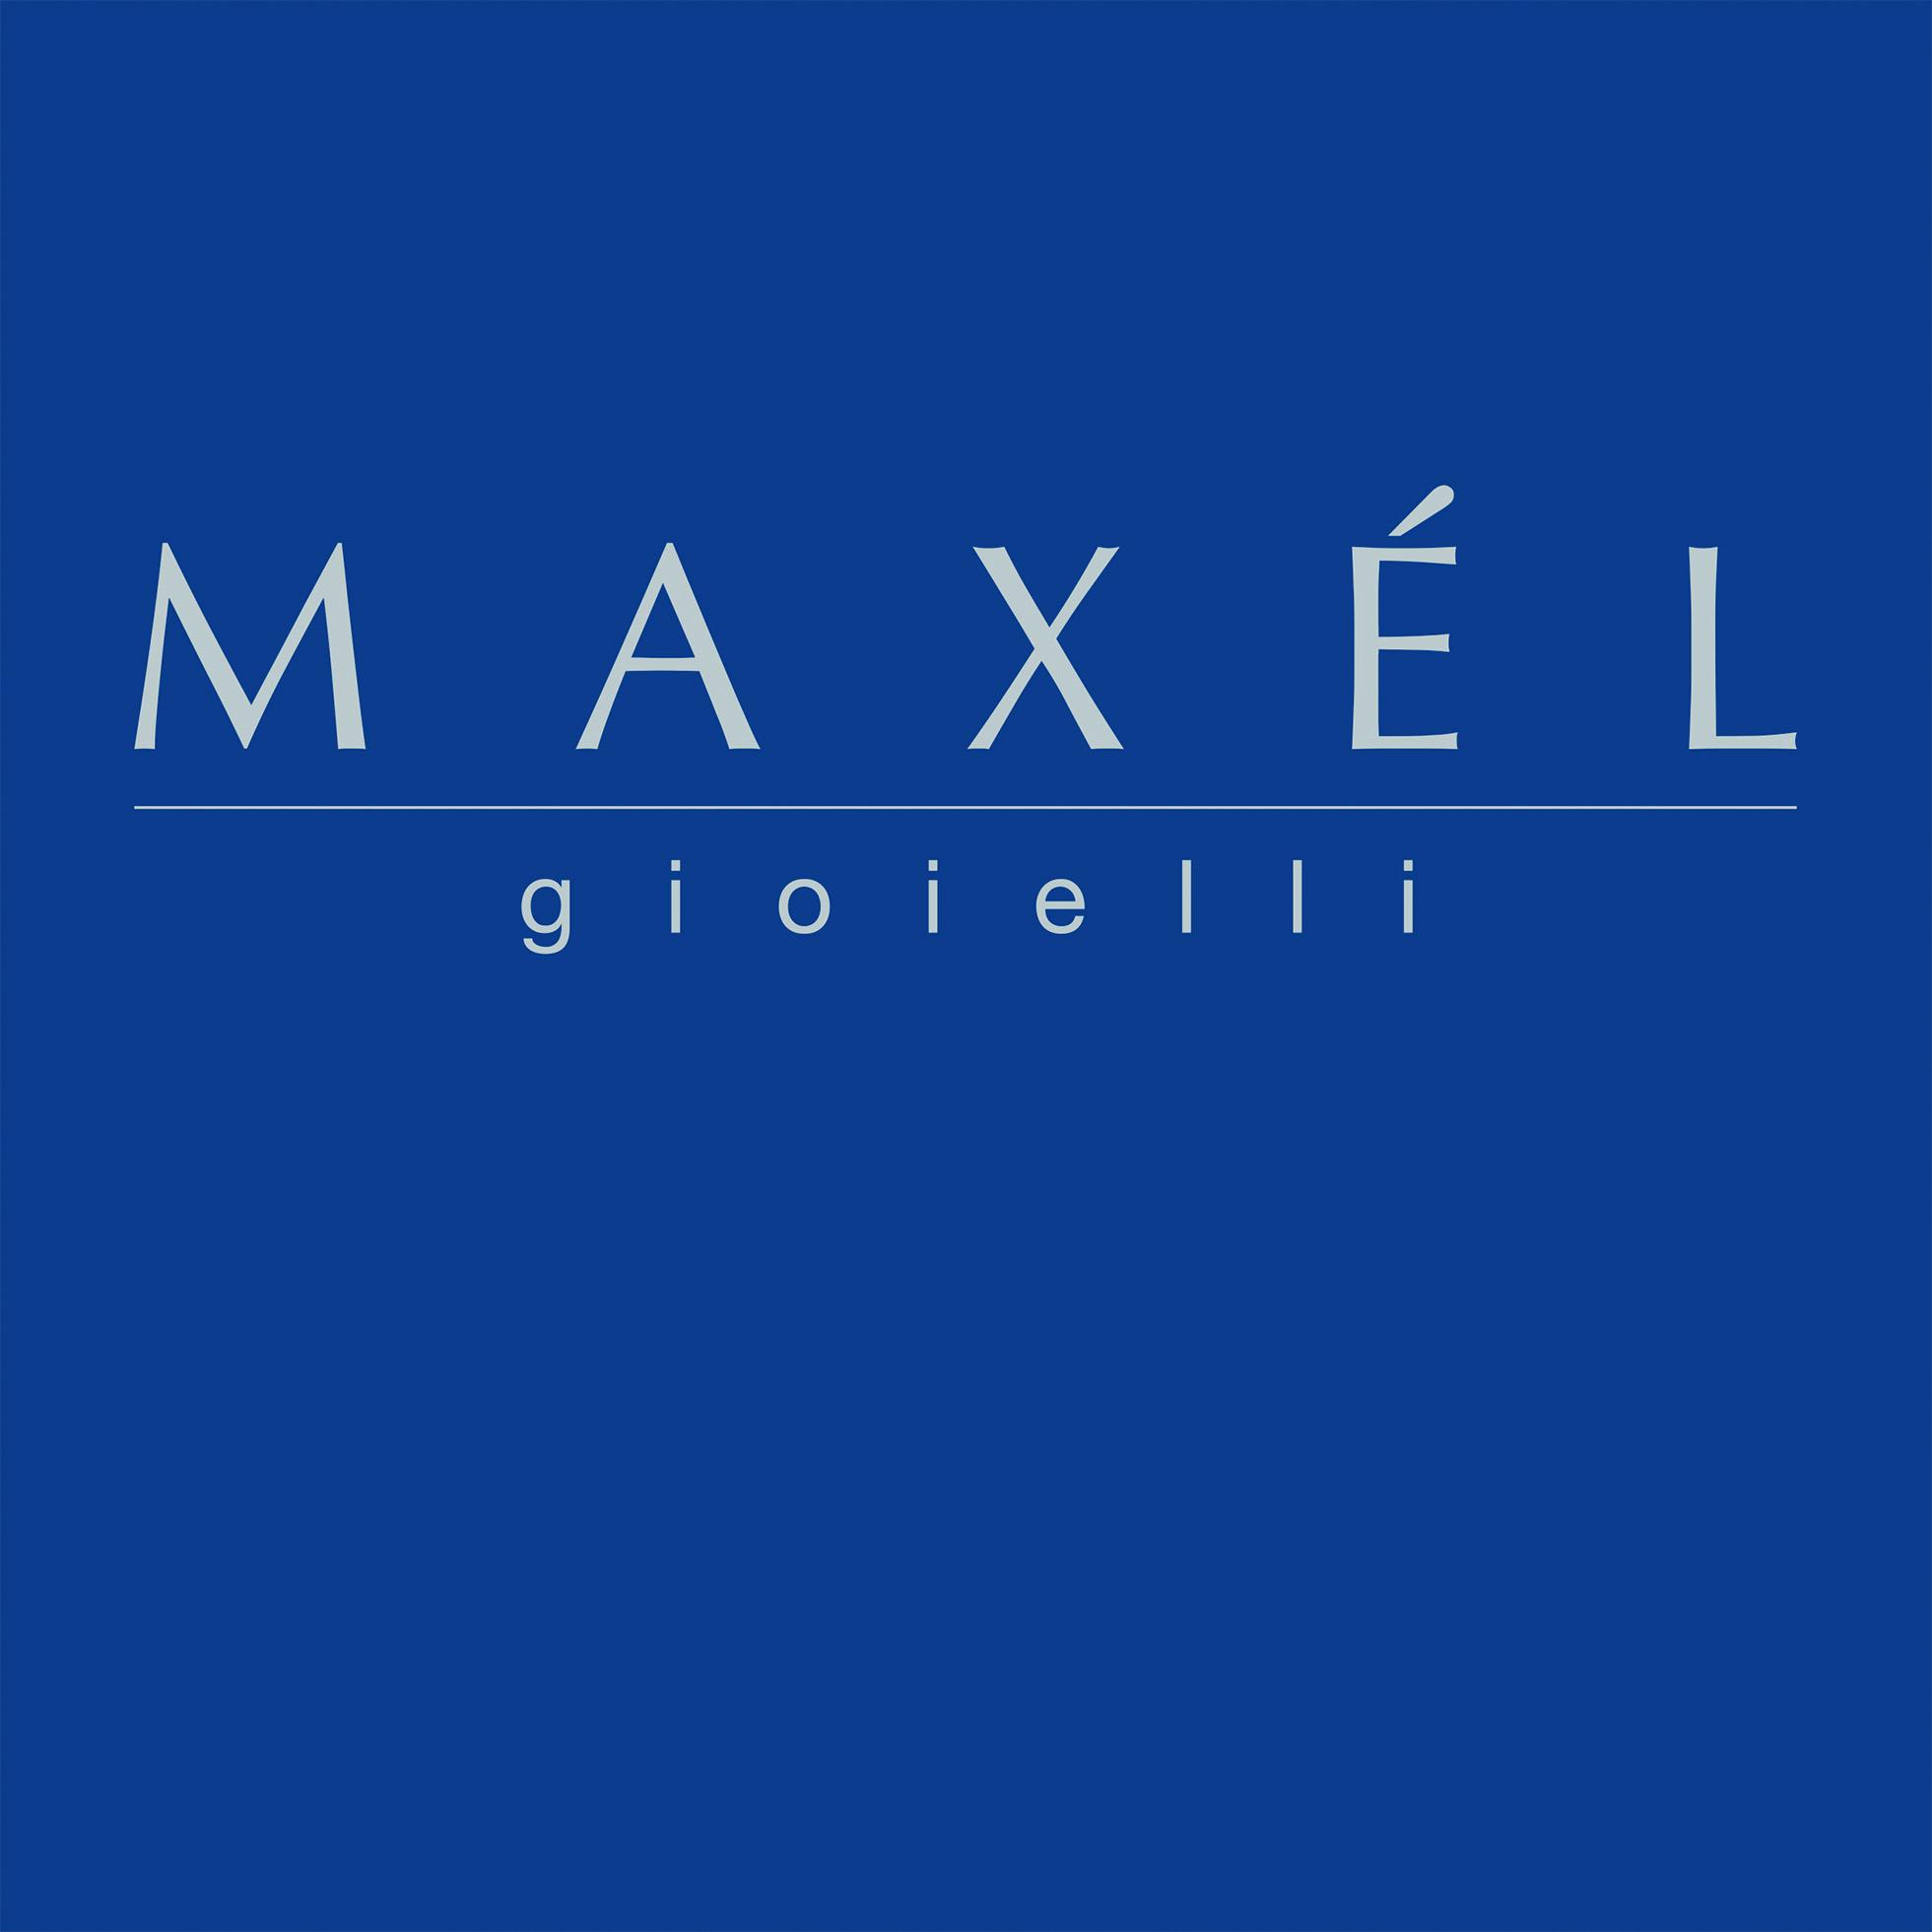 logo-maxel